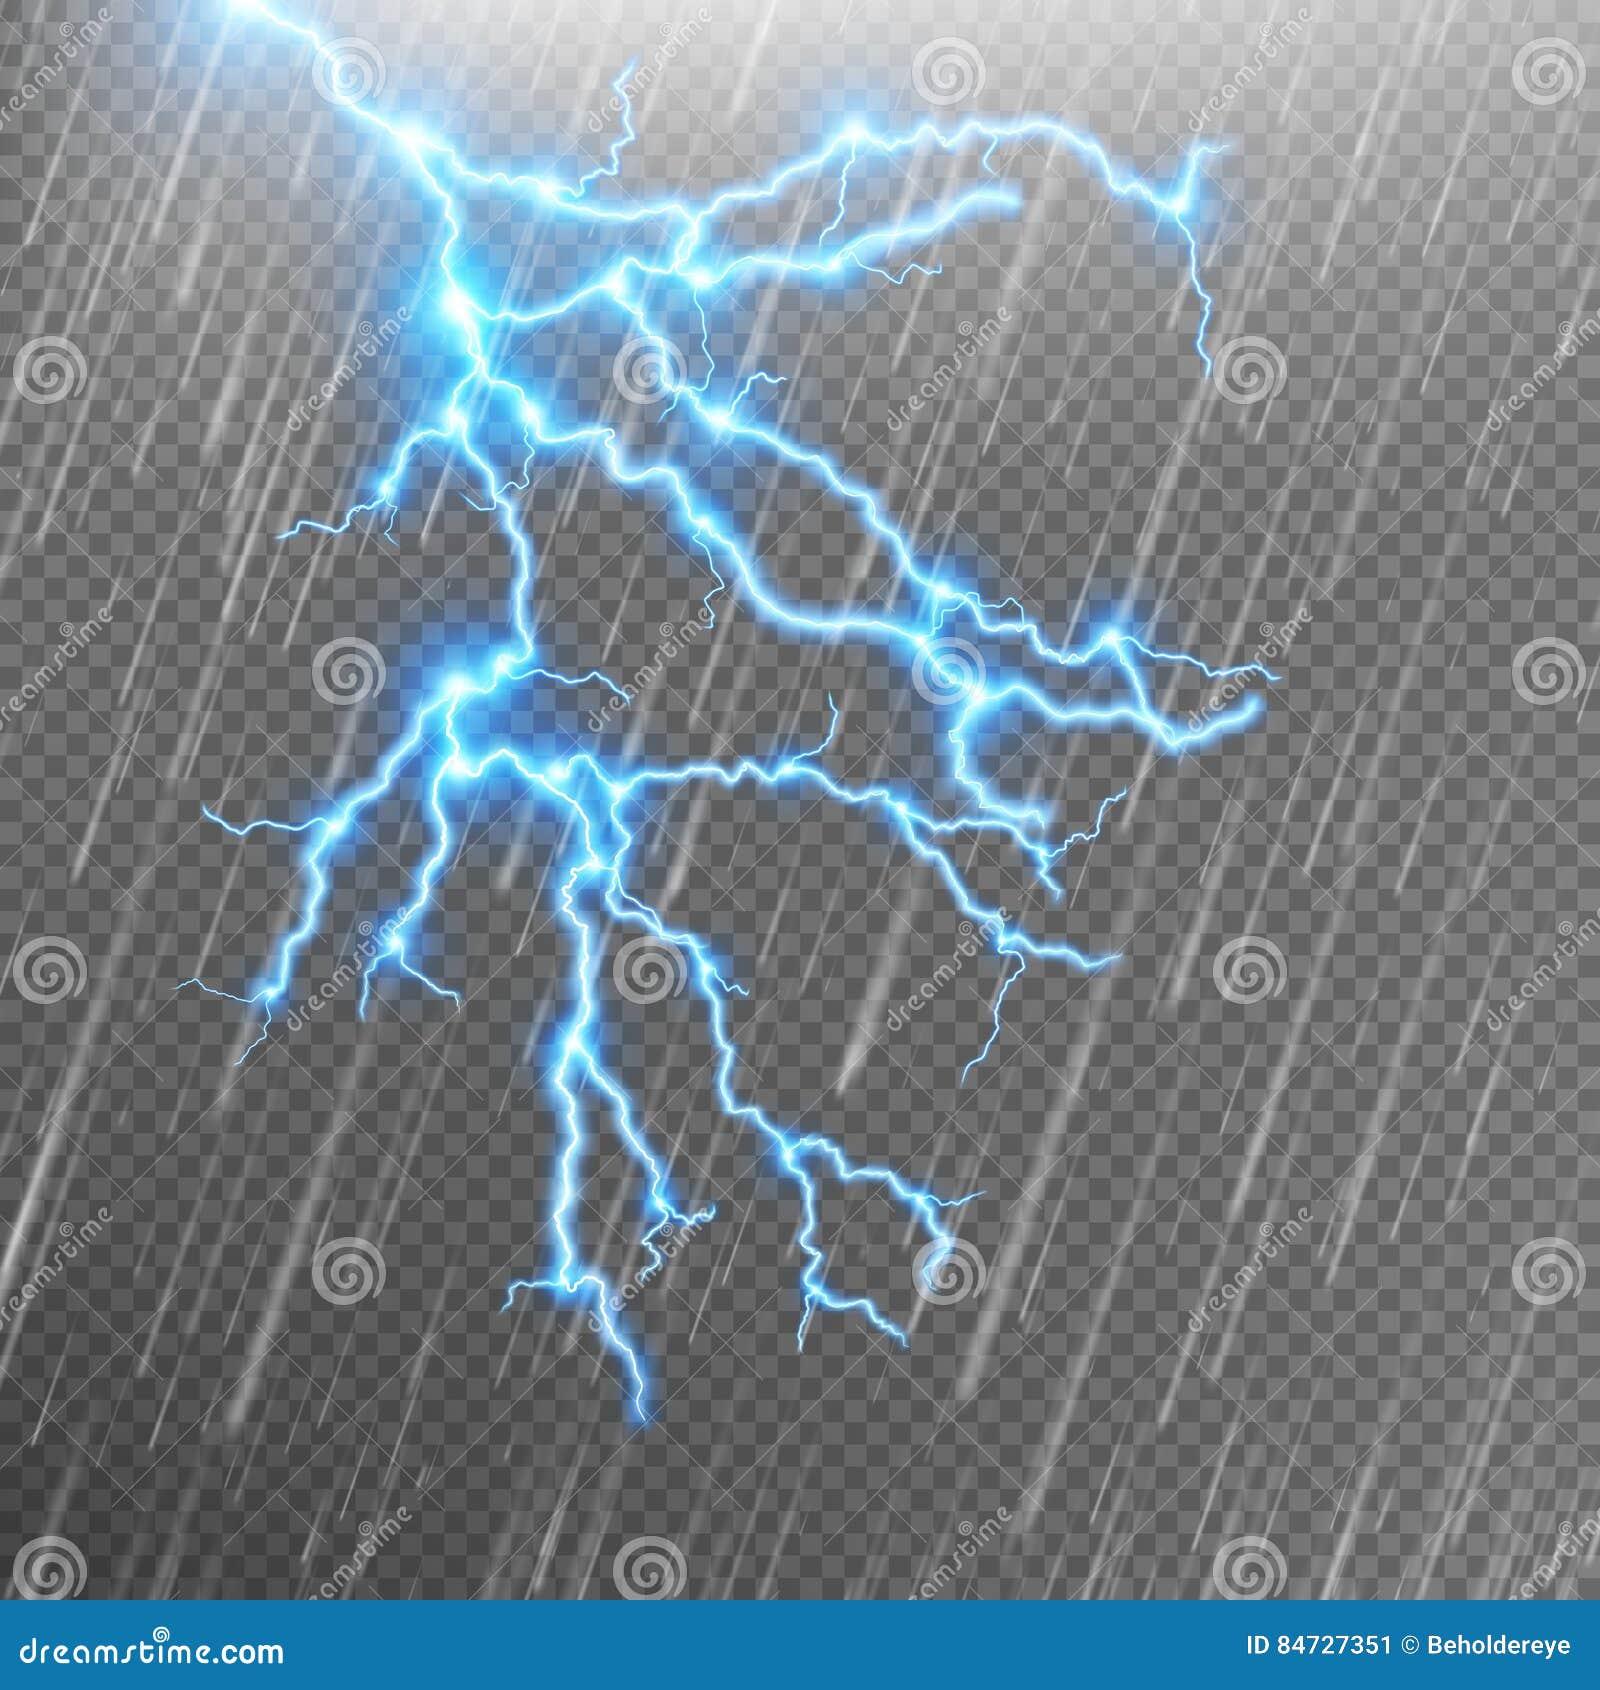 Blue Lightning And Rain Eps 10 Stock Vector